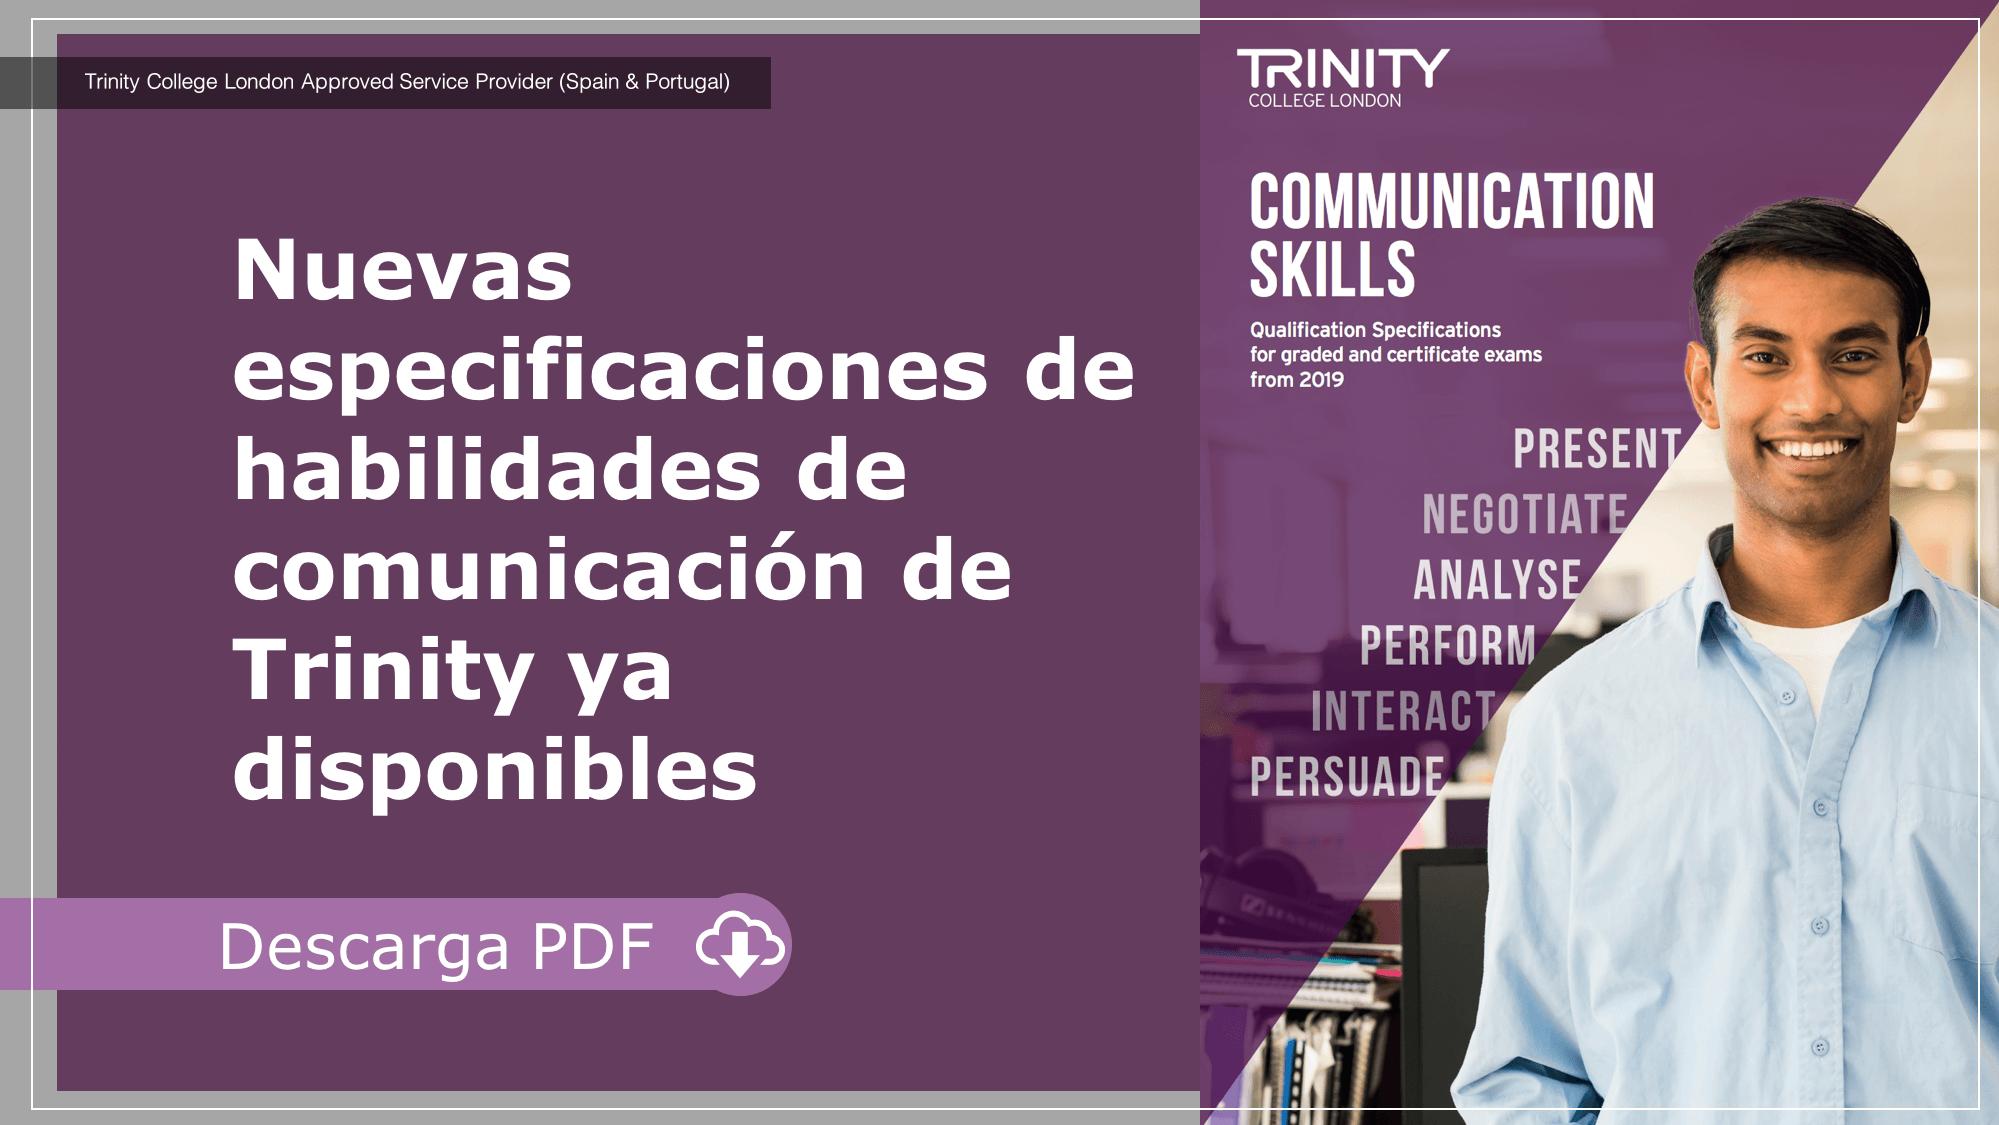 Nuevas especificaciones de habilidades de comunicación de Trinity ya disponibles